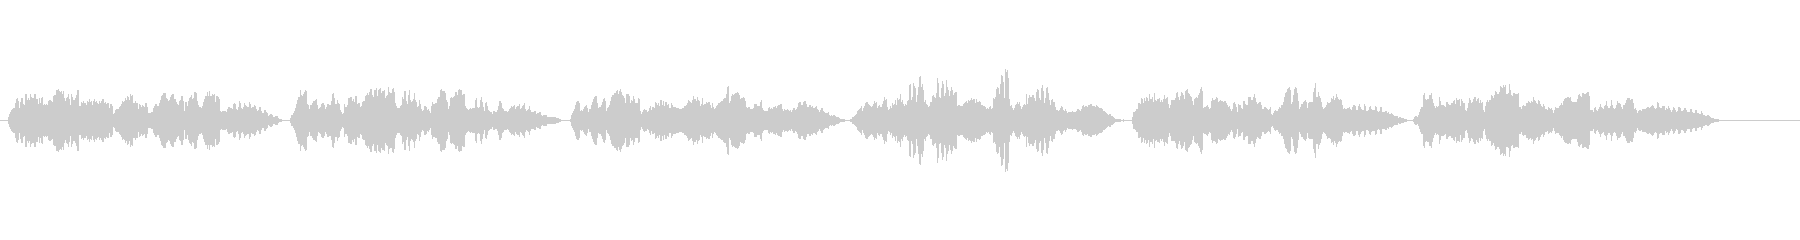 表彰状のクラシックをヴァイオリンソロでの未再生の波形